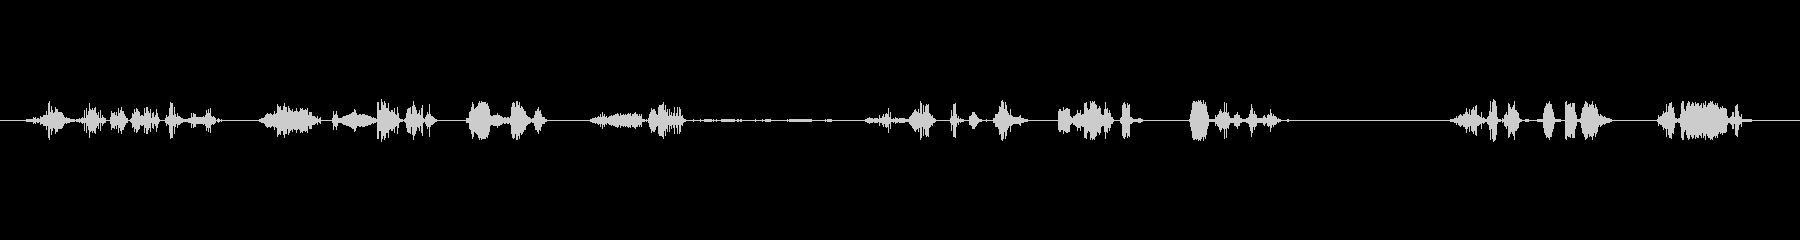 奇妙なエイリアンの声;低いコンピュ...の未再生の波形